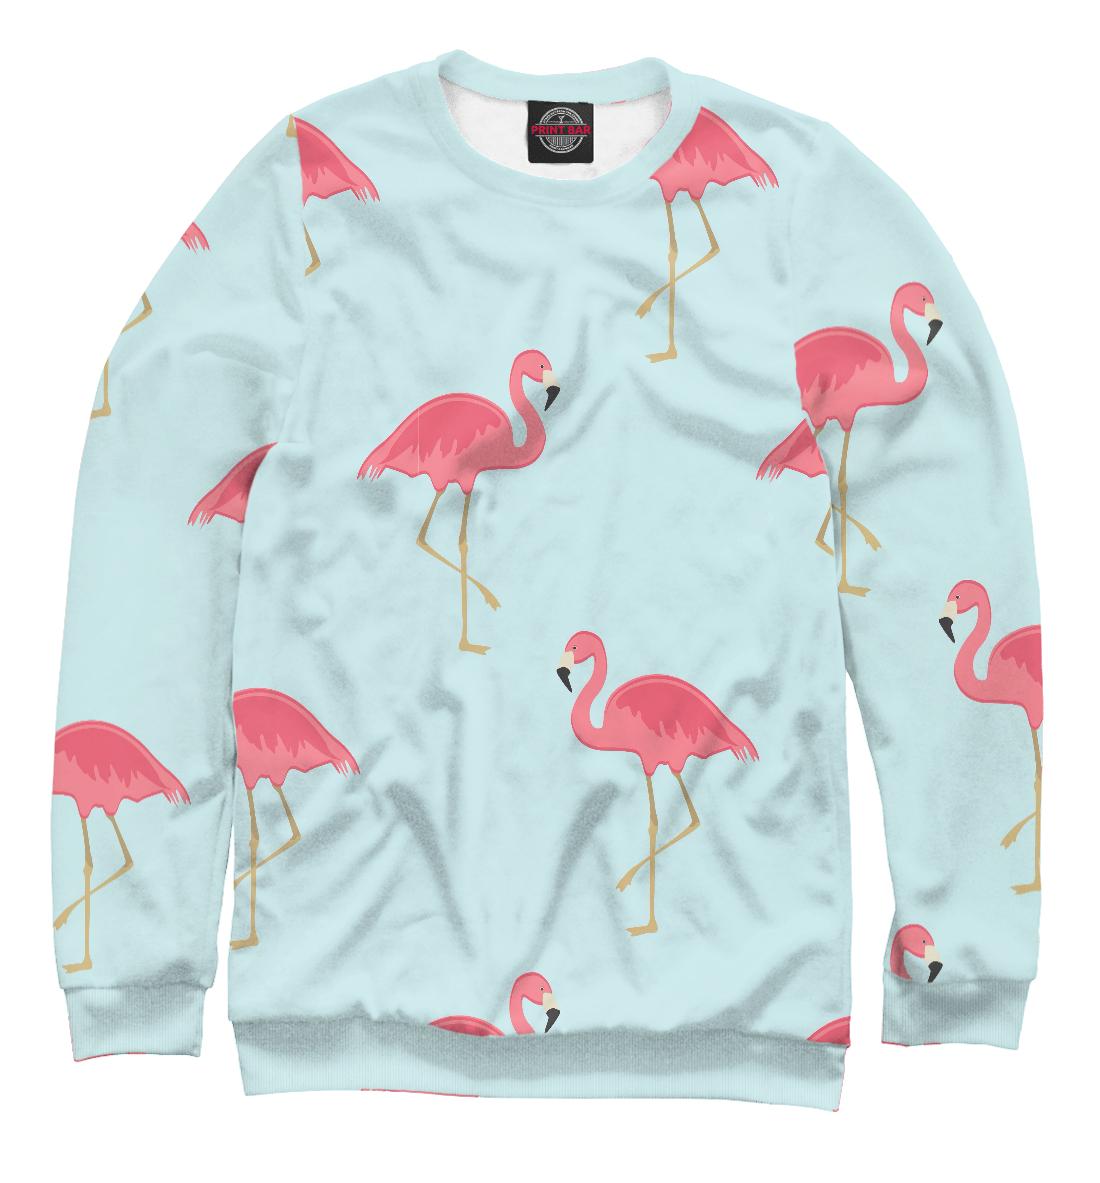 Купить Фламинго, Printbar, Свитшоты, PTI-719280-swi-2